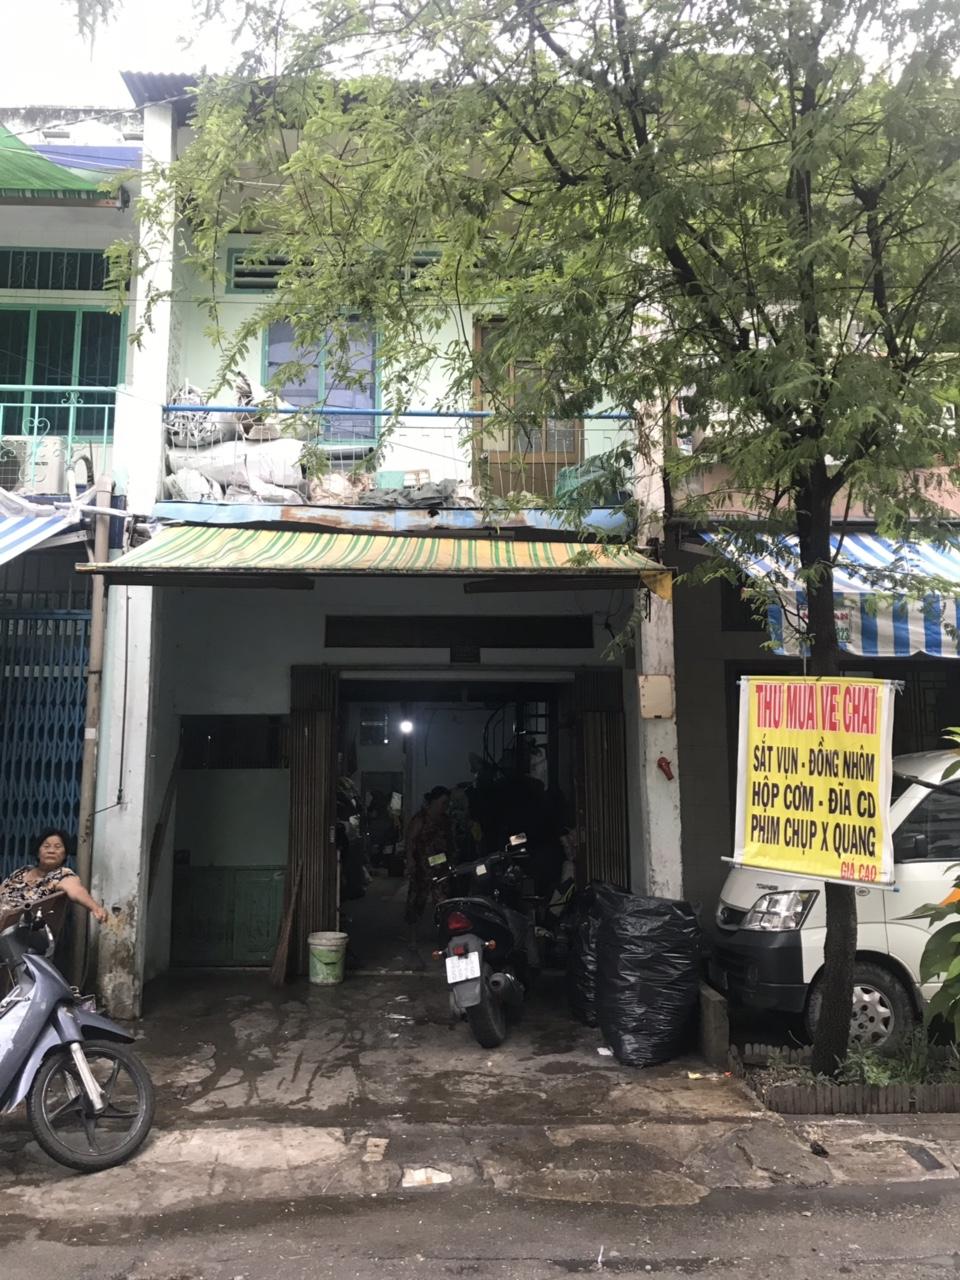 Bán nhà Mặt Tiền Đường Khuông Việt Quận Tân Phú, dt 4m x 21m, 1 trệt 1 lầu, giá 6,9 tỷ.